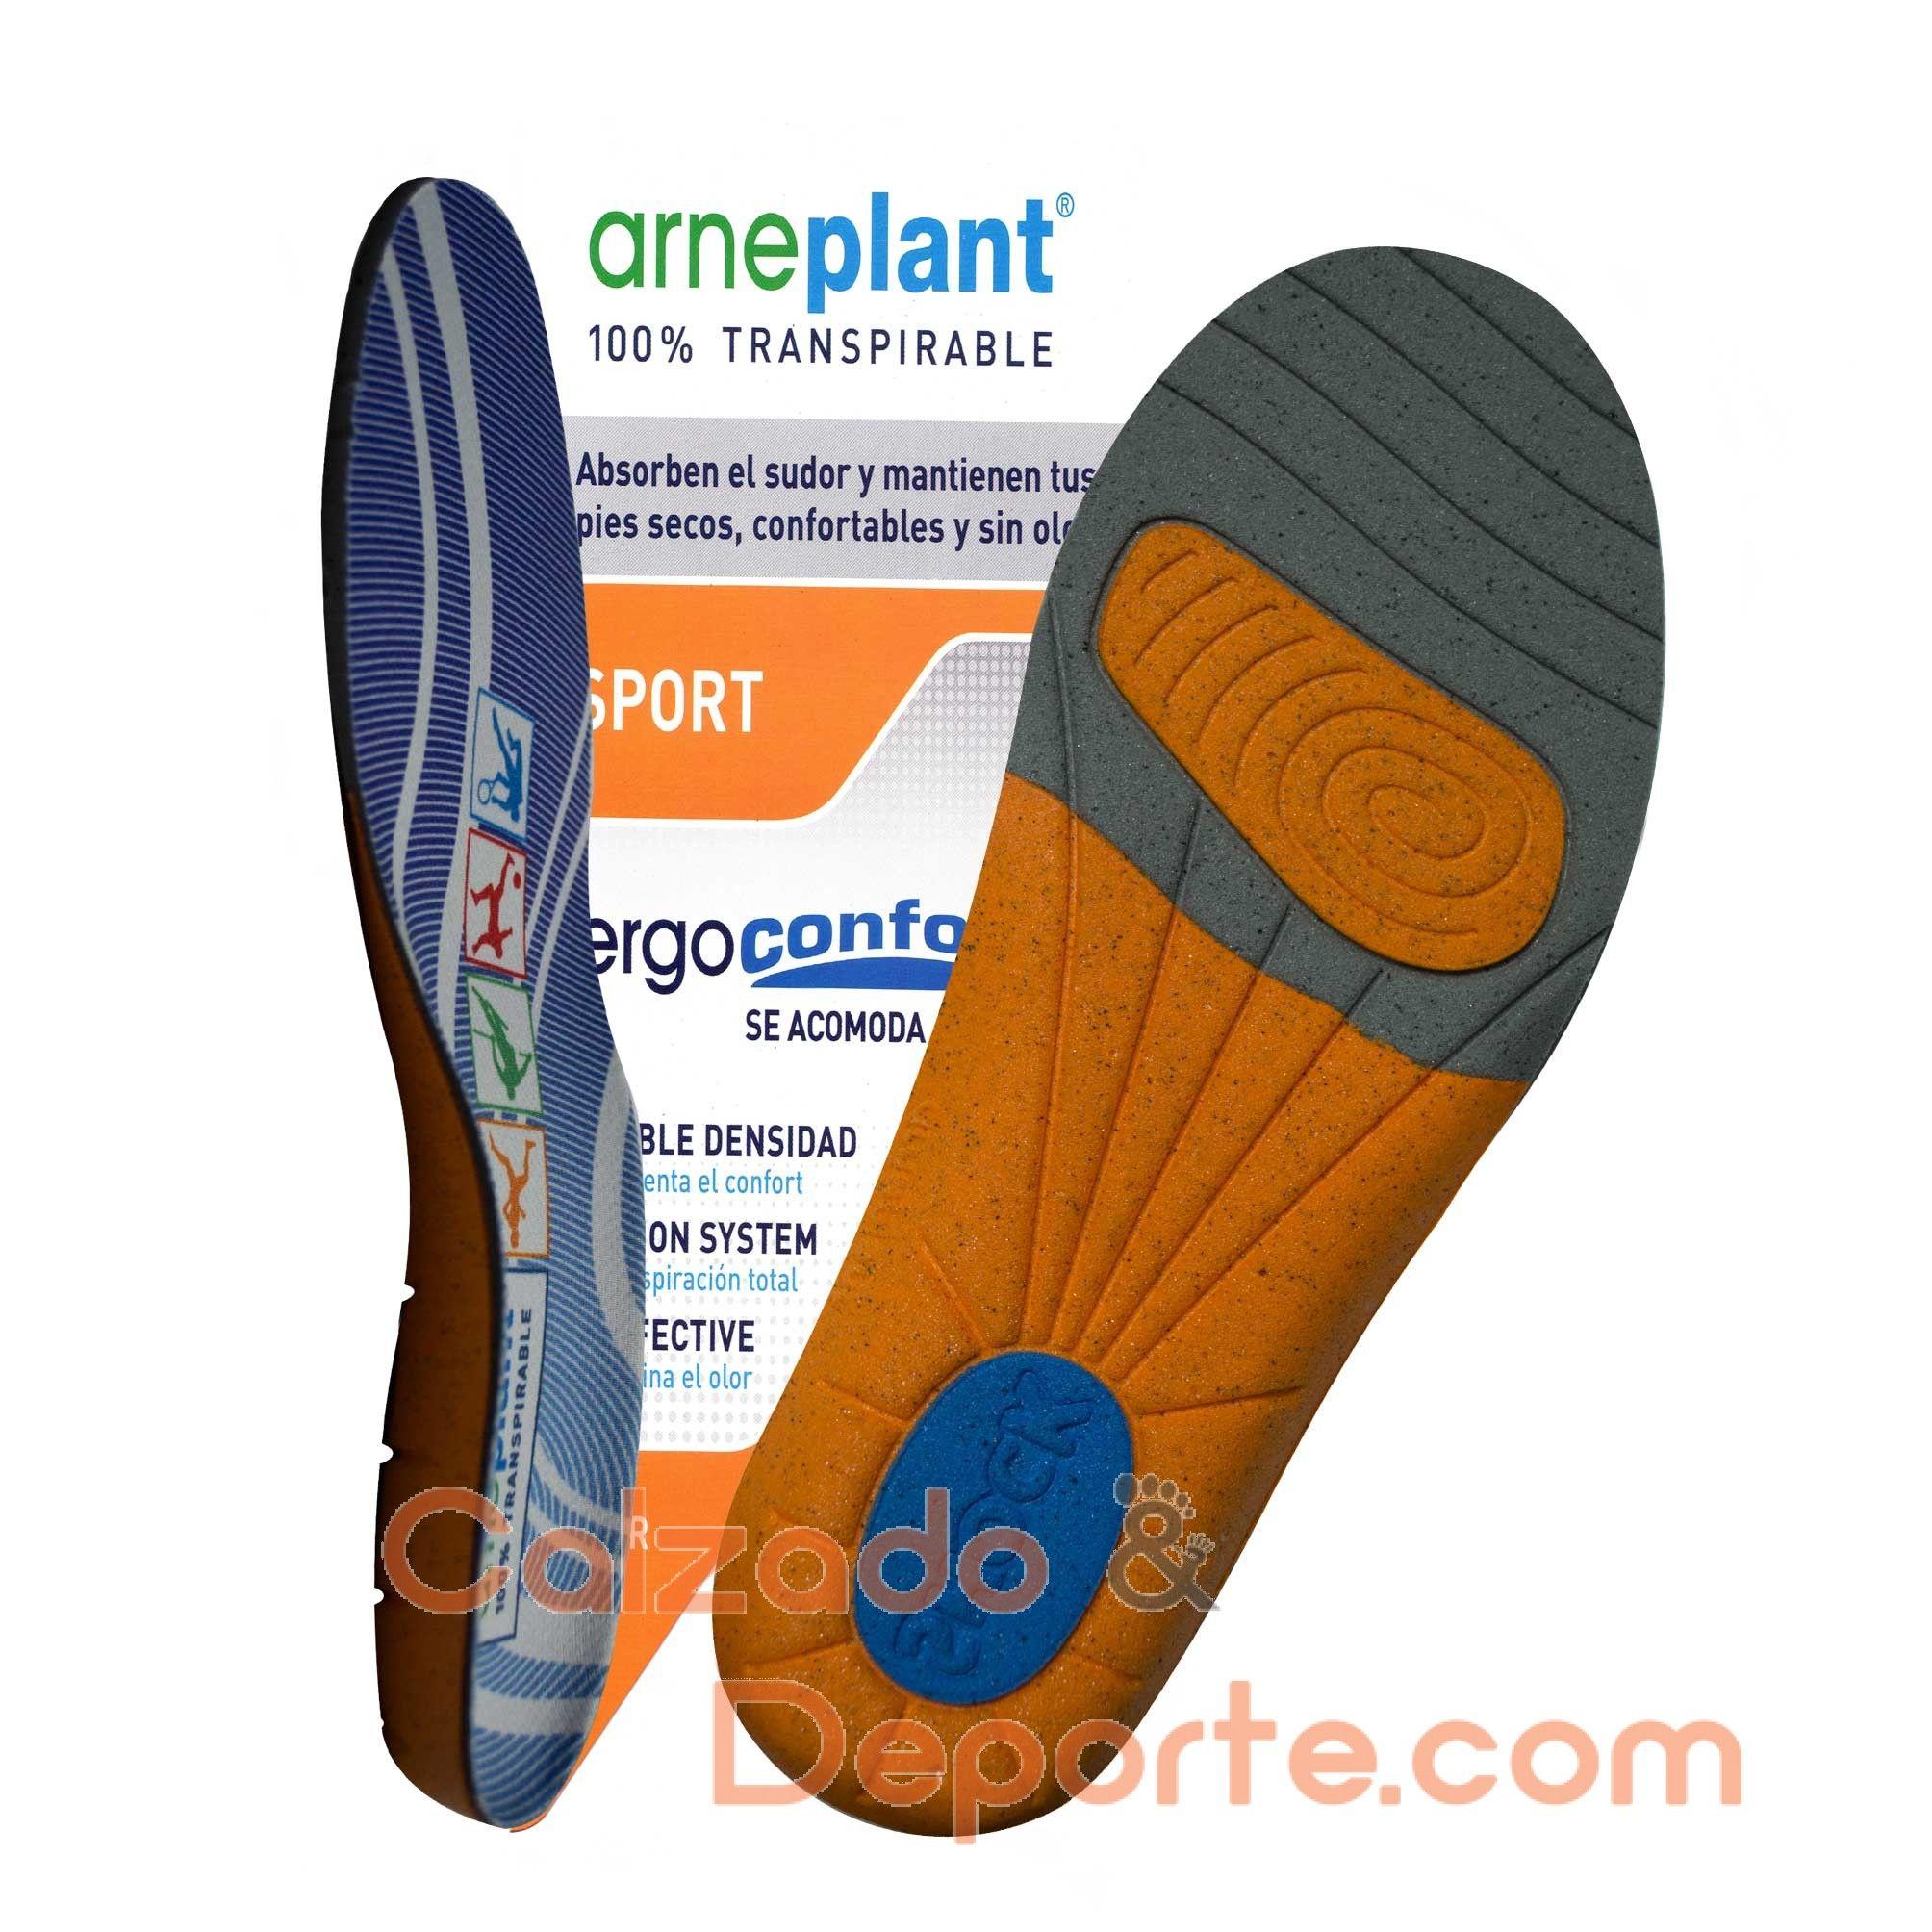 Ergoconfort Plantillas Sport Arneplant Calzado Plantilla Para El 0wUaE